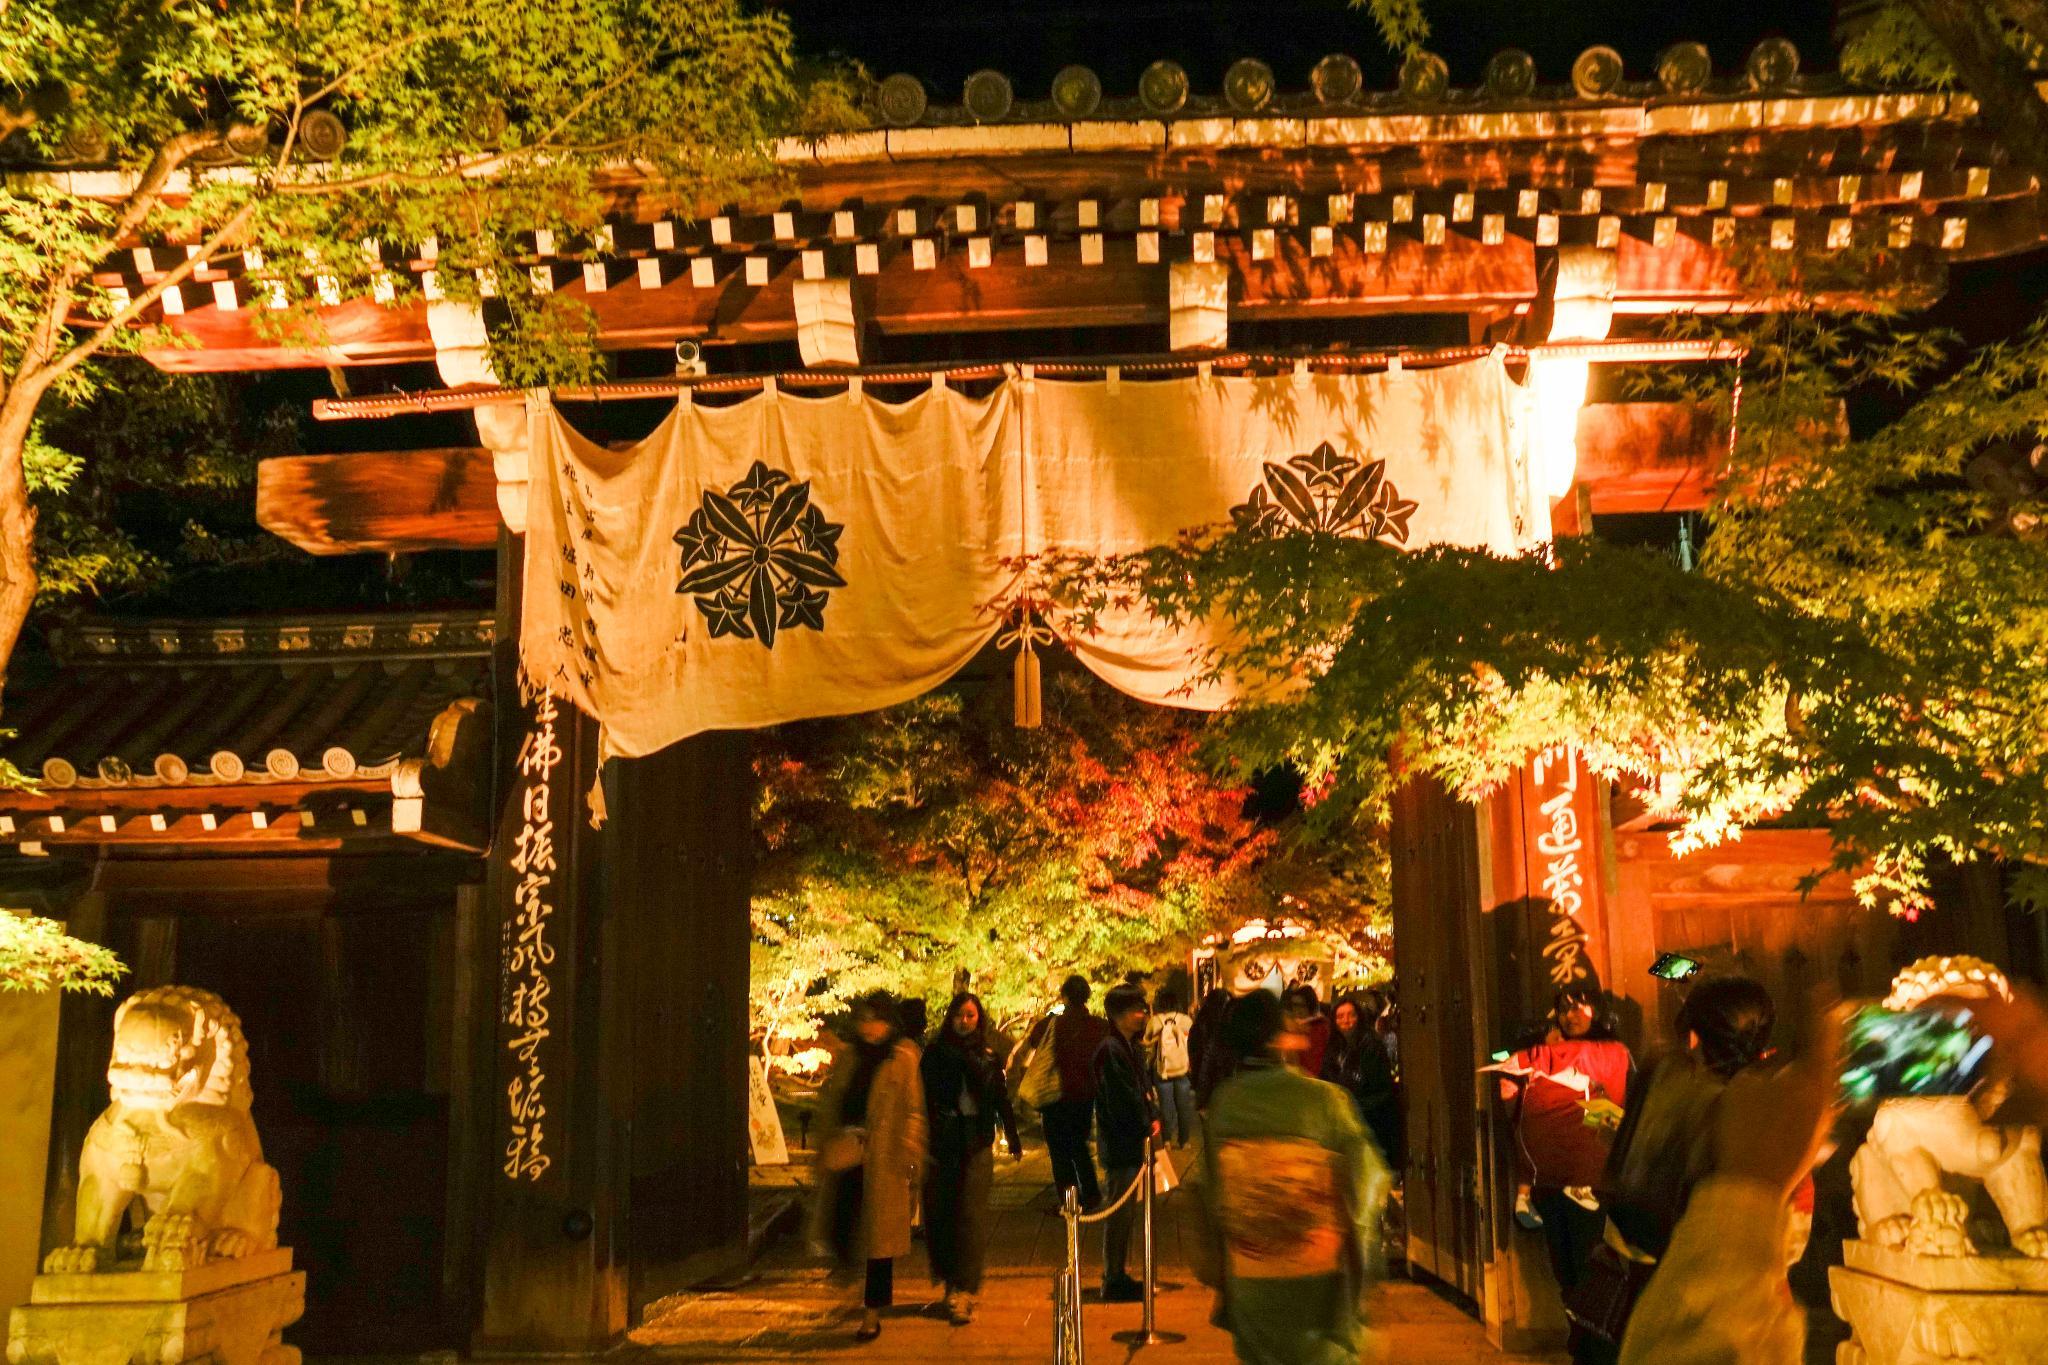 【京都】此生必來的紅葉狩絕景 - 永觀堂夜楓 132